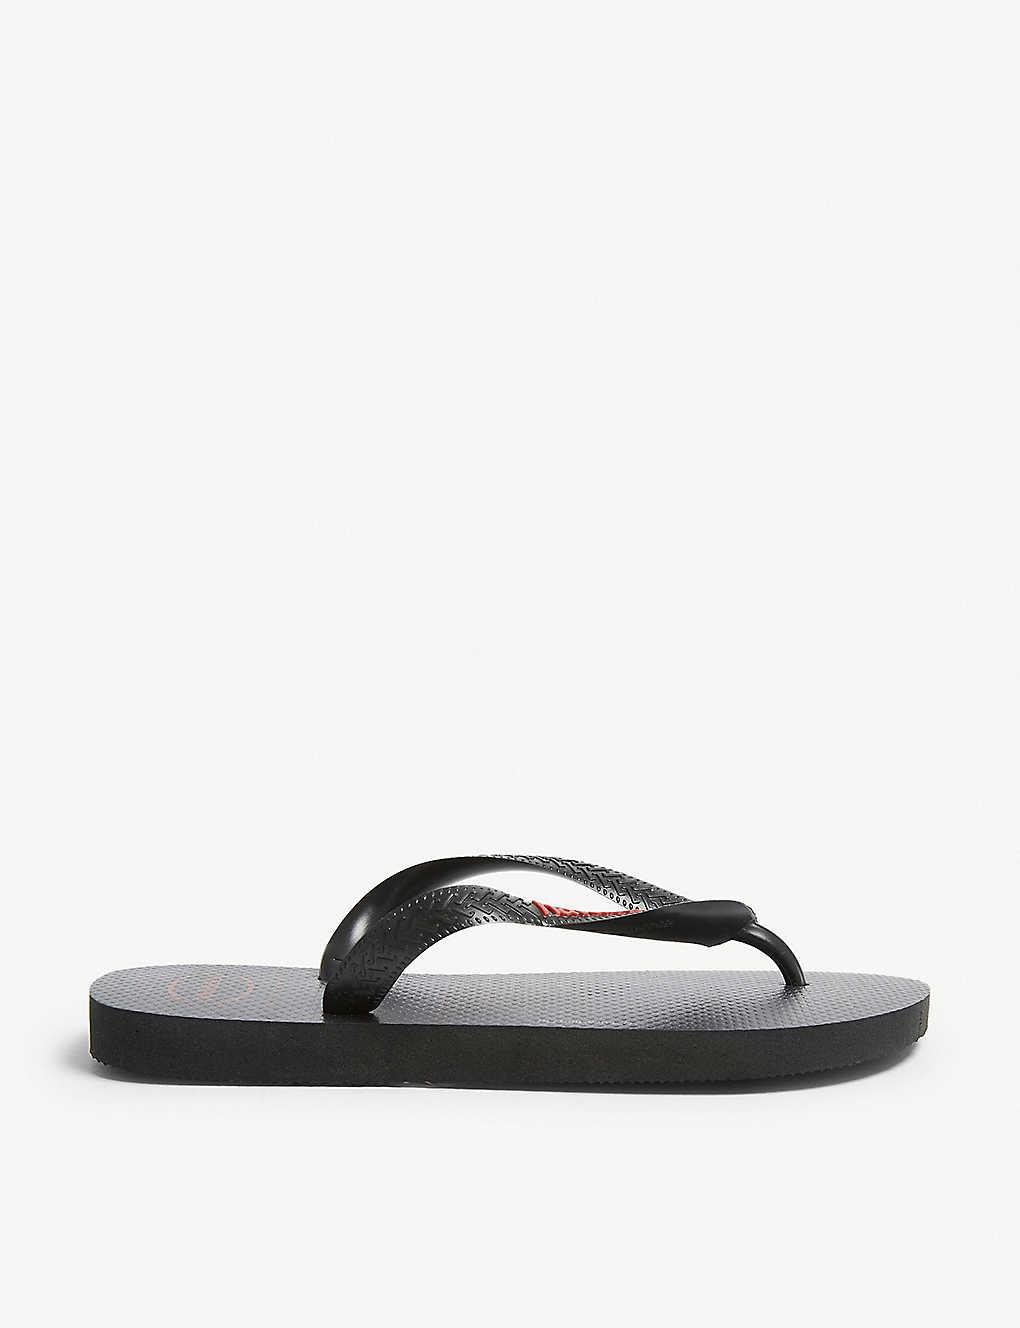 32e32526759c3 HAVAIANAS - Star Wars rubber flip-flops